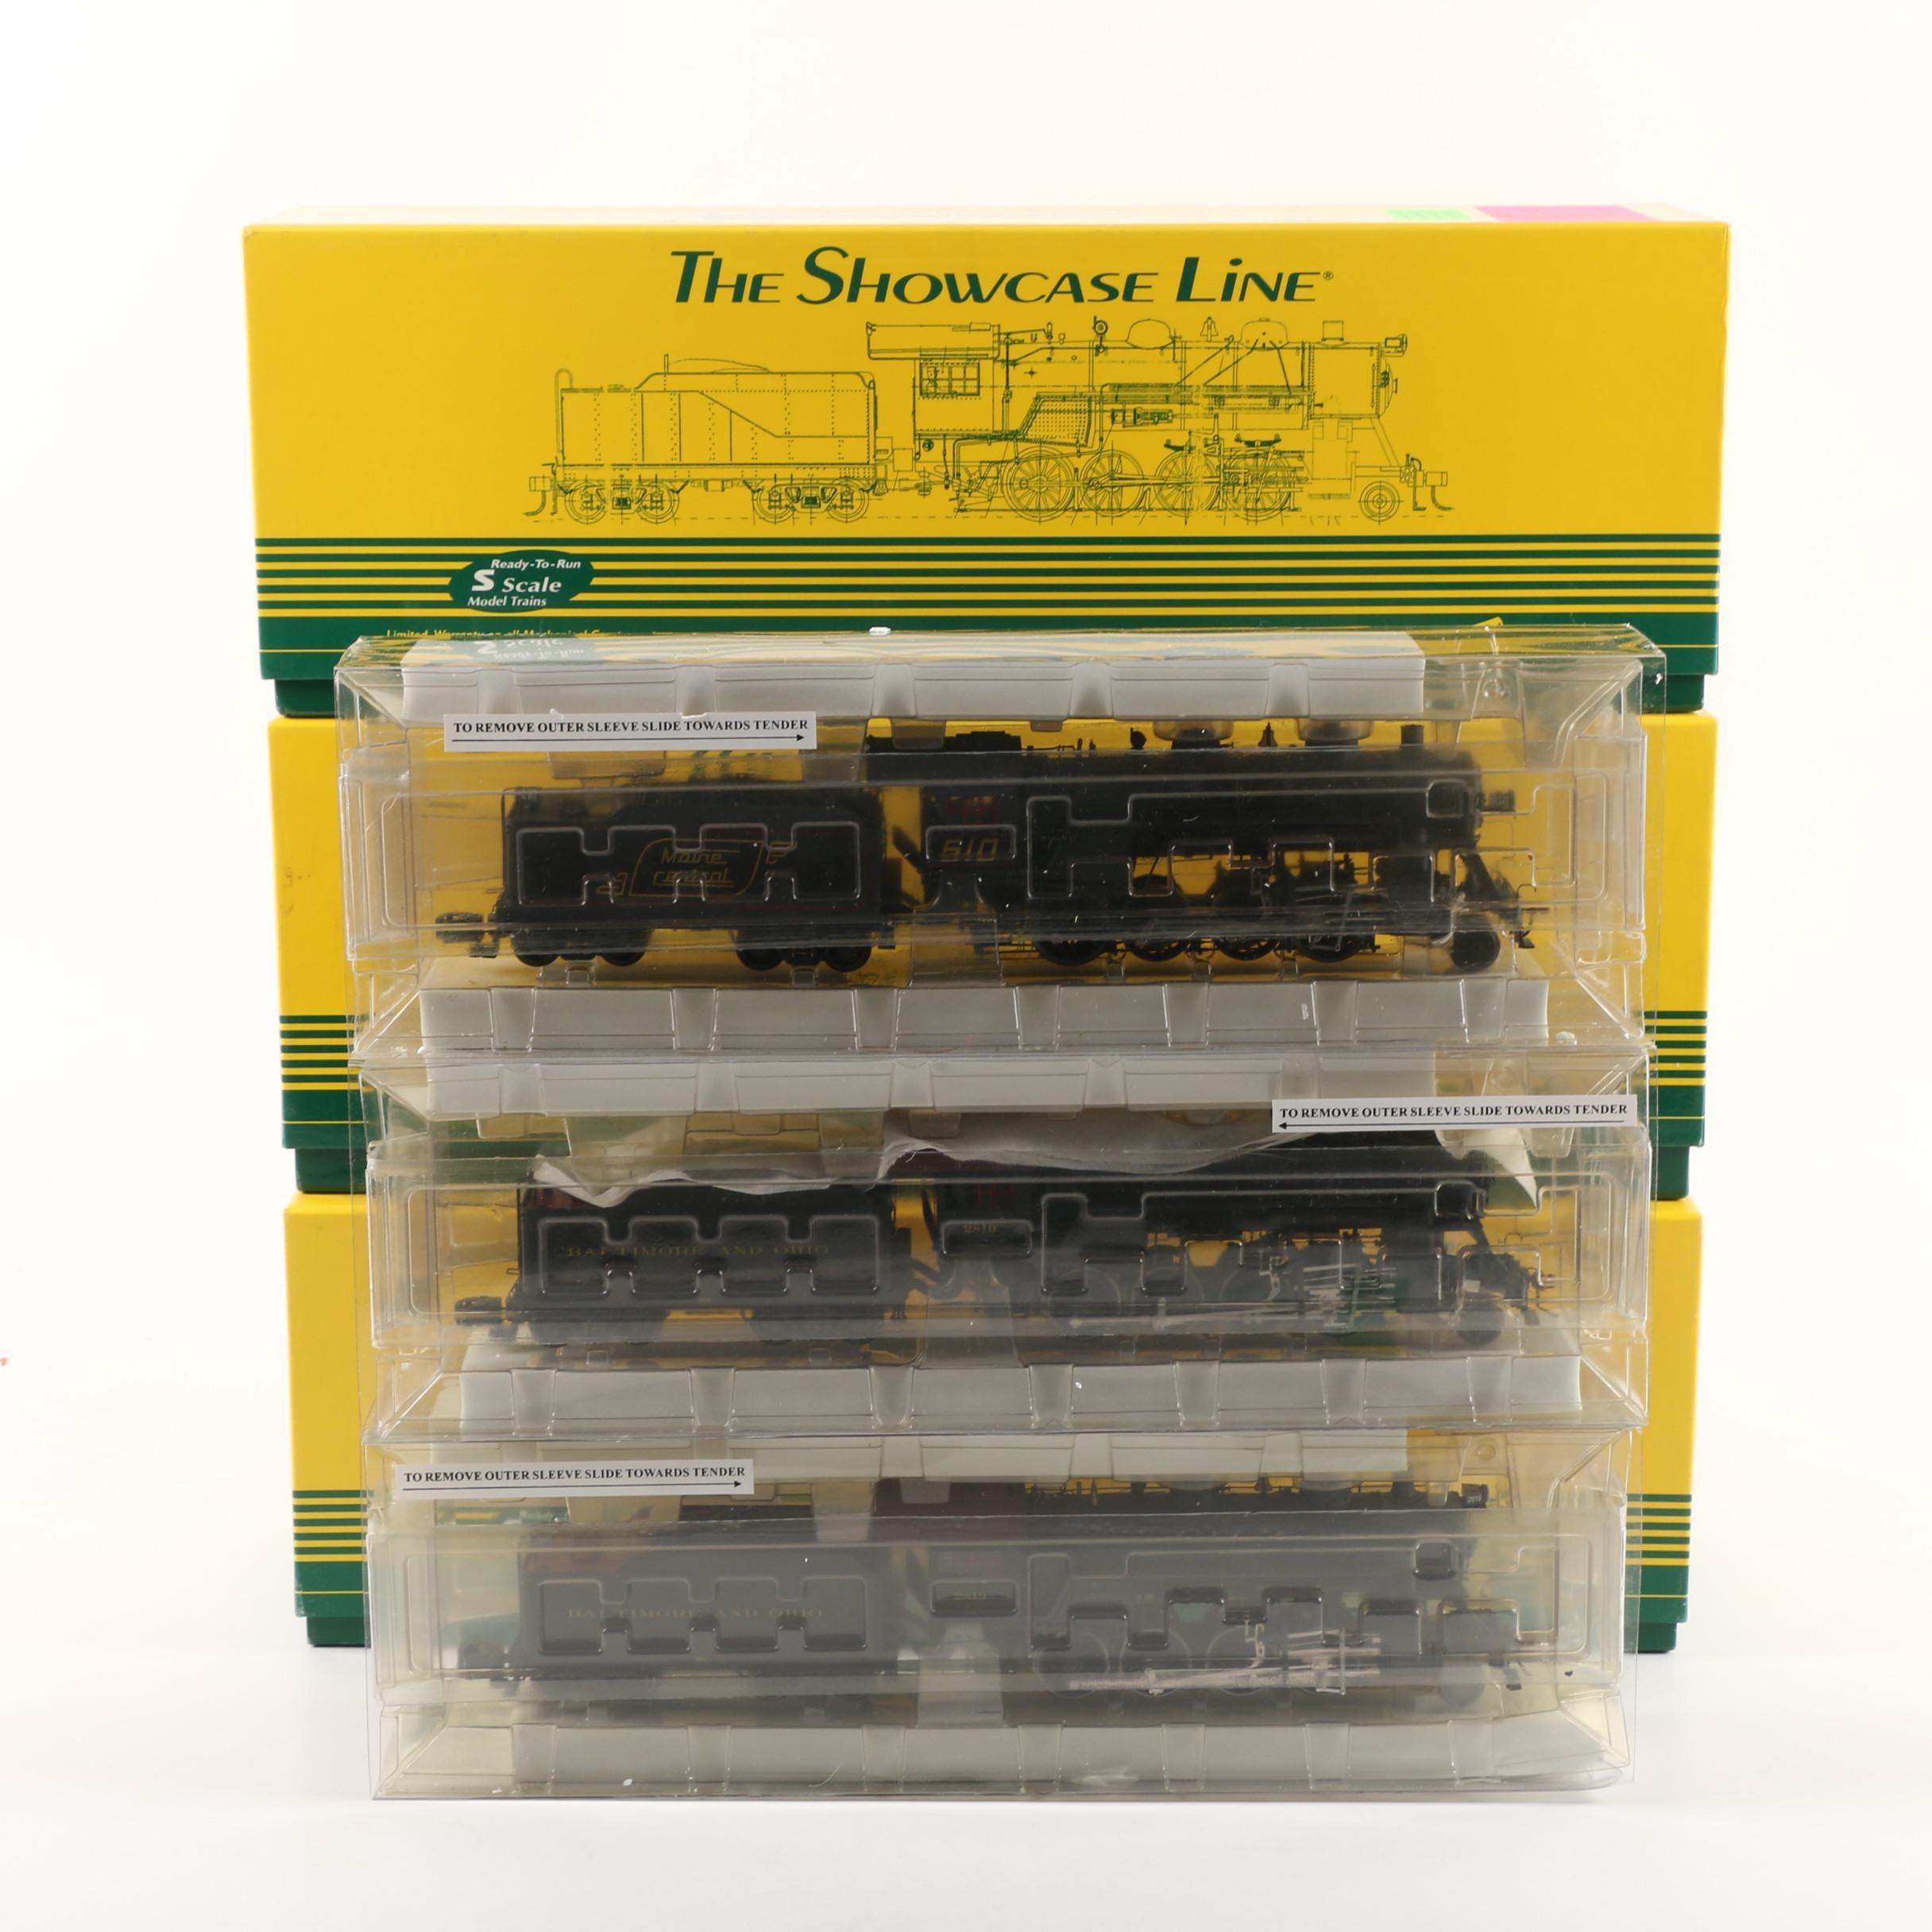 The Showcase Line S-Gauge Steam Locomotives